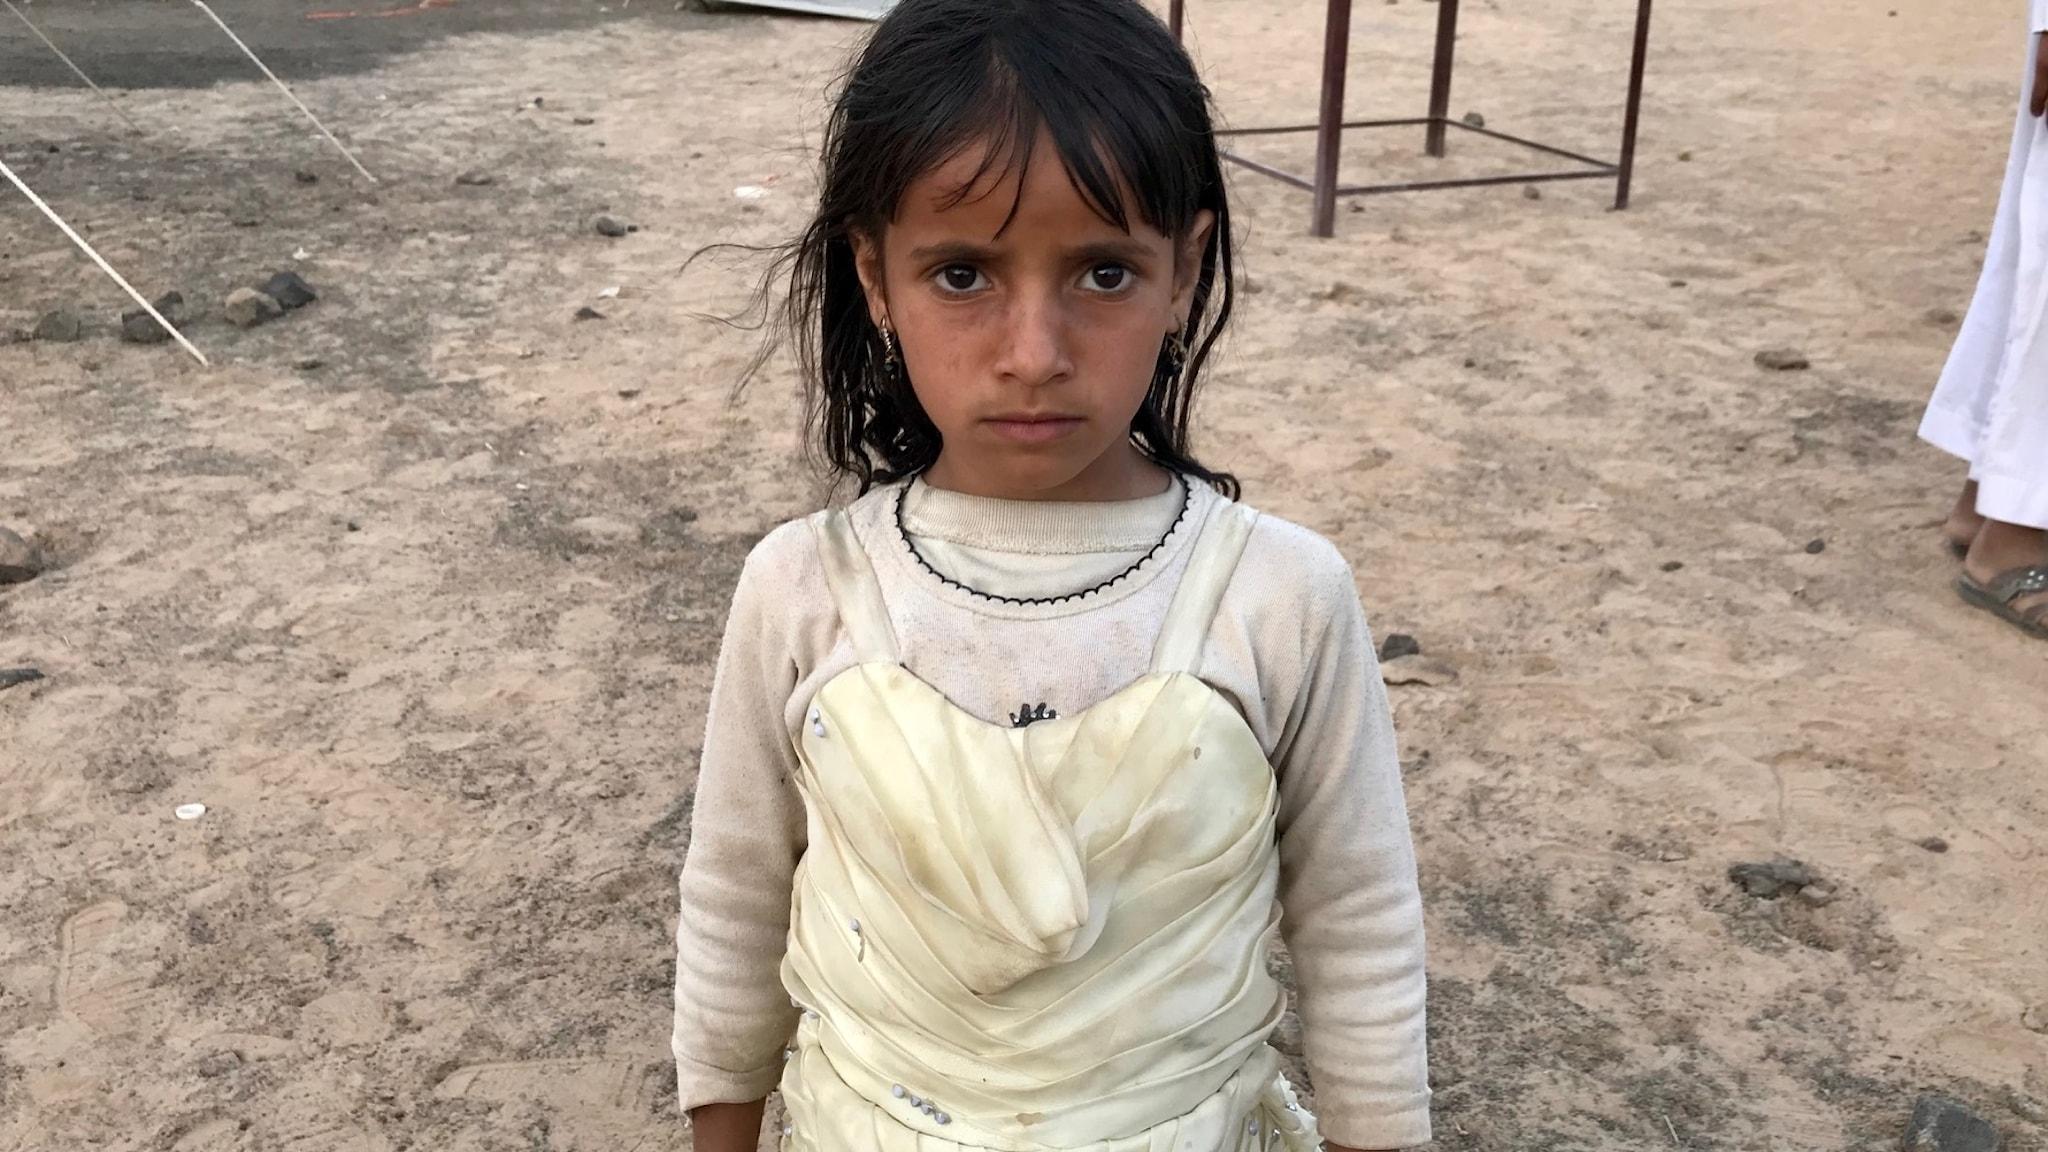 Flyktingflickan med sin klänning.